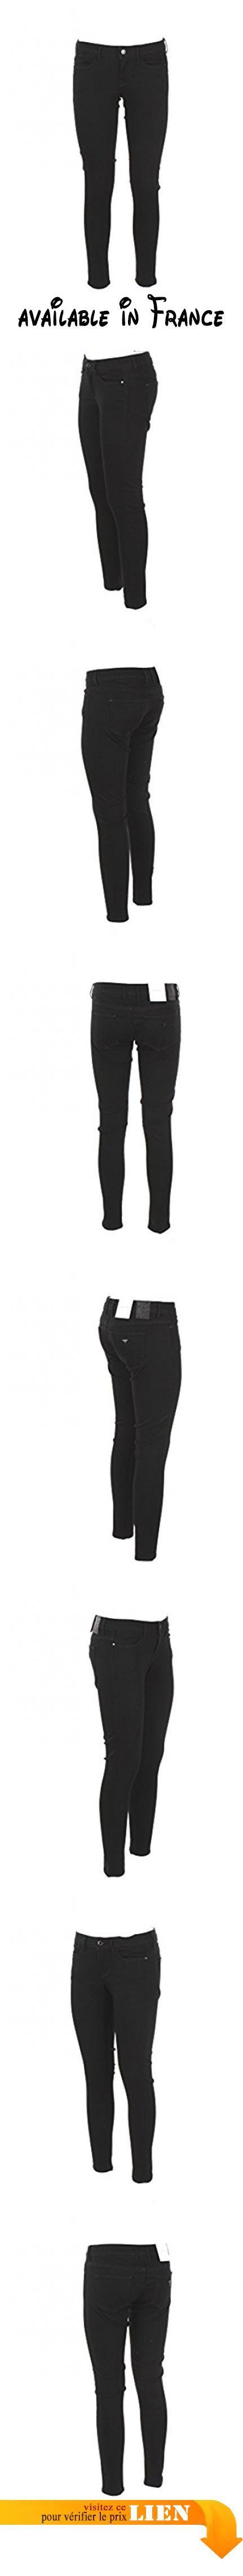 Guess Jeans 25 Noir W74a27 D2r80 Automne Hiver 2017/18.  #Apparel #PANTS